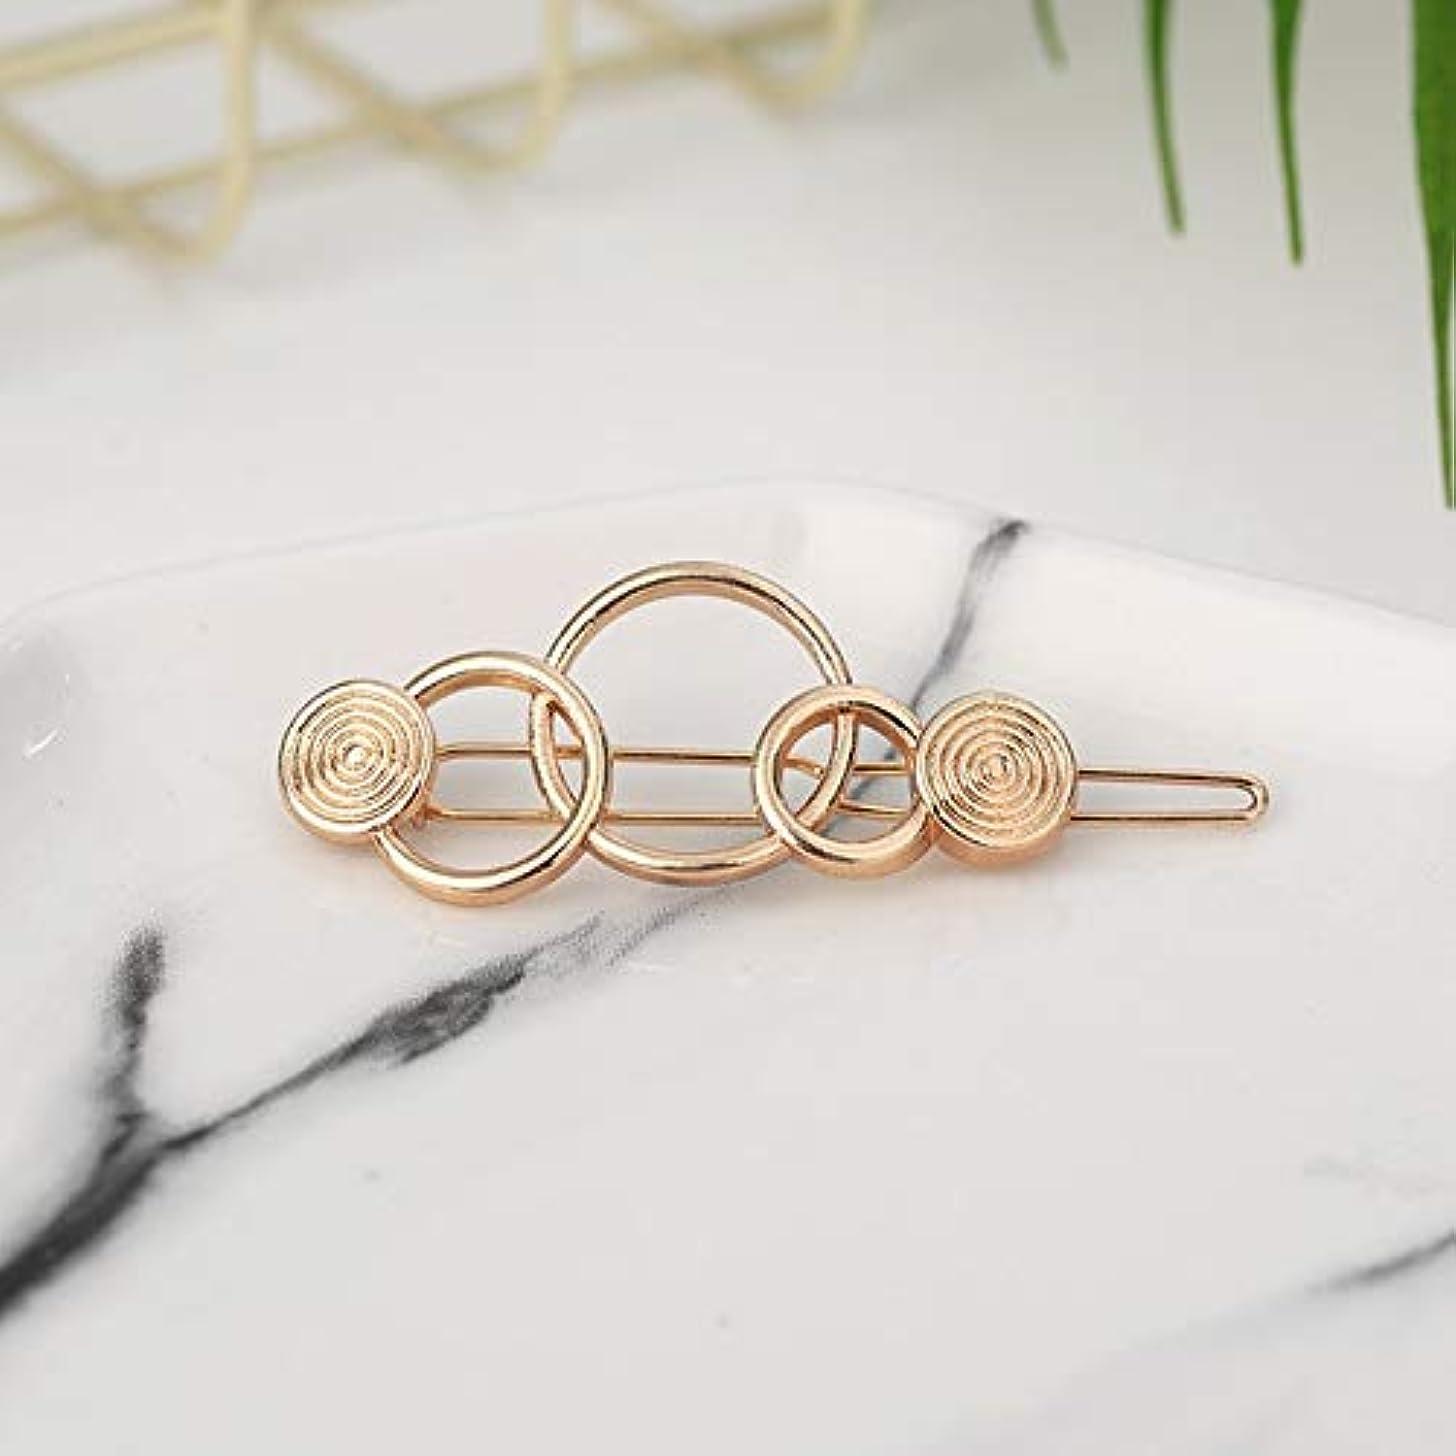 人要求する火傷フラワーヘアピンFlowerHairpin YHM 2ピースファッション女性ヘアアクセサリートライアングルヘアクリップピンメタル幾何学的合金ヘアバンド(ムーンゴールド) (色 : Three-ring gold)